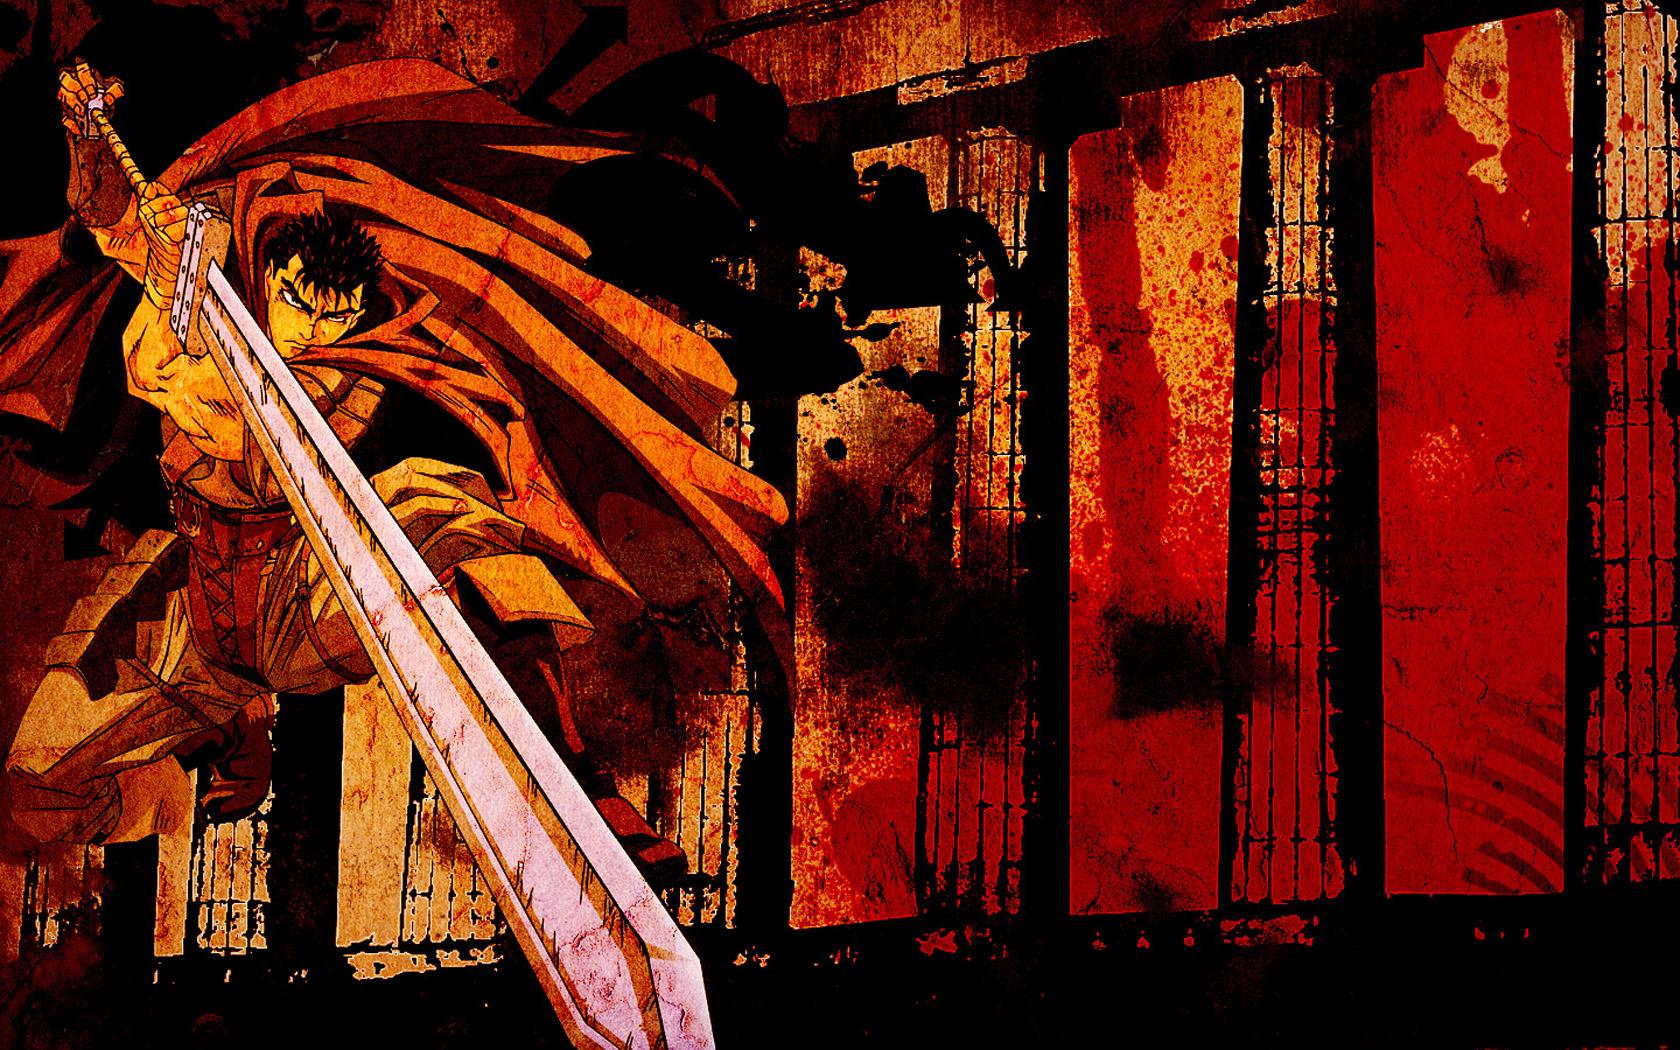 Anime Berserk Wallpaper 1680x1050 Anime Berserk 1680x1050